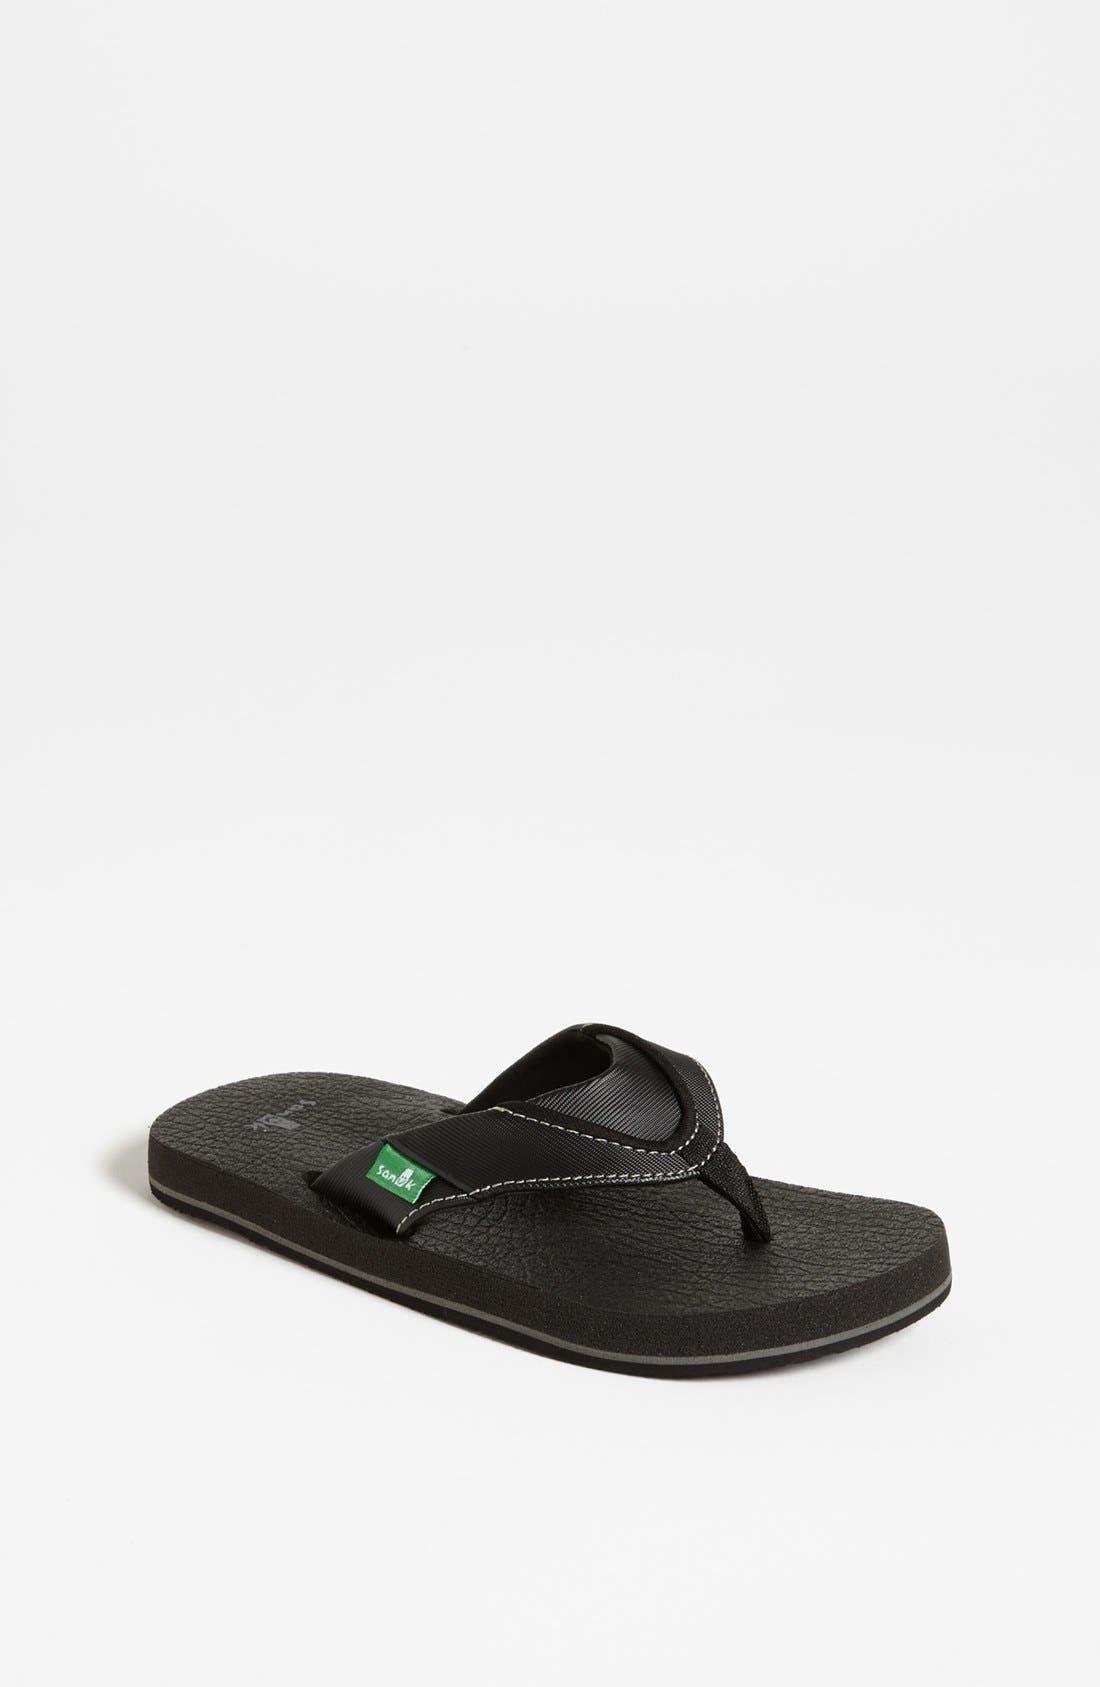 SANUK 'Root Beer' Sandal, Main, color, BLACK